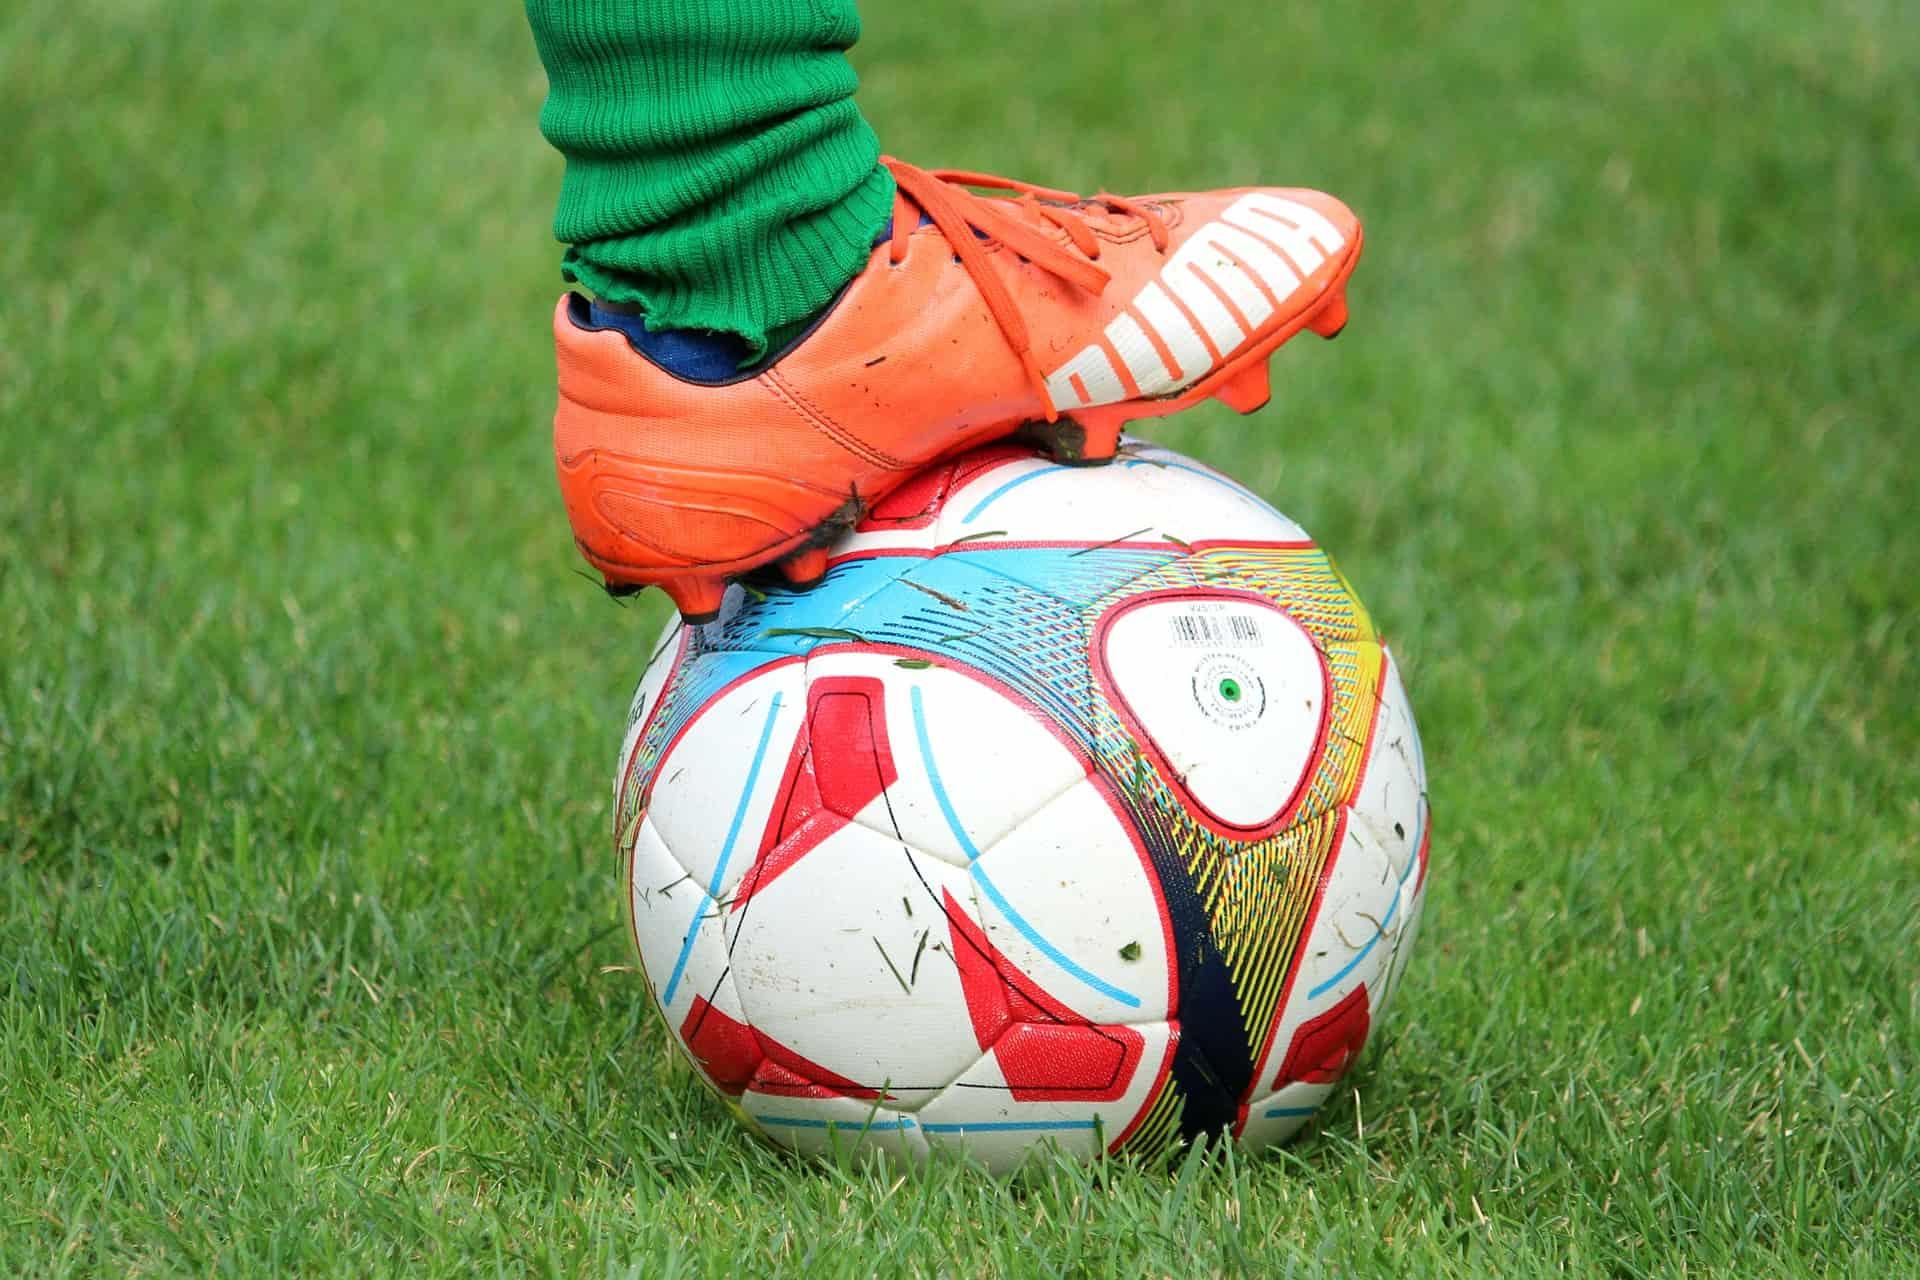 Fußballschuhe: Test & Empfehlungen (08/20)